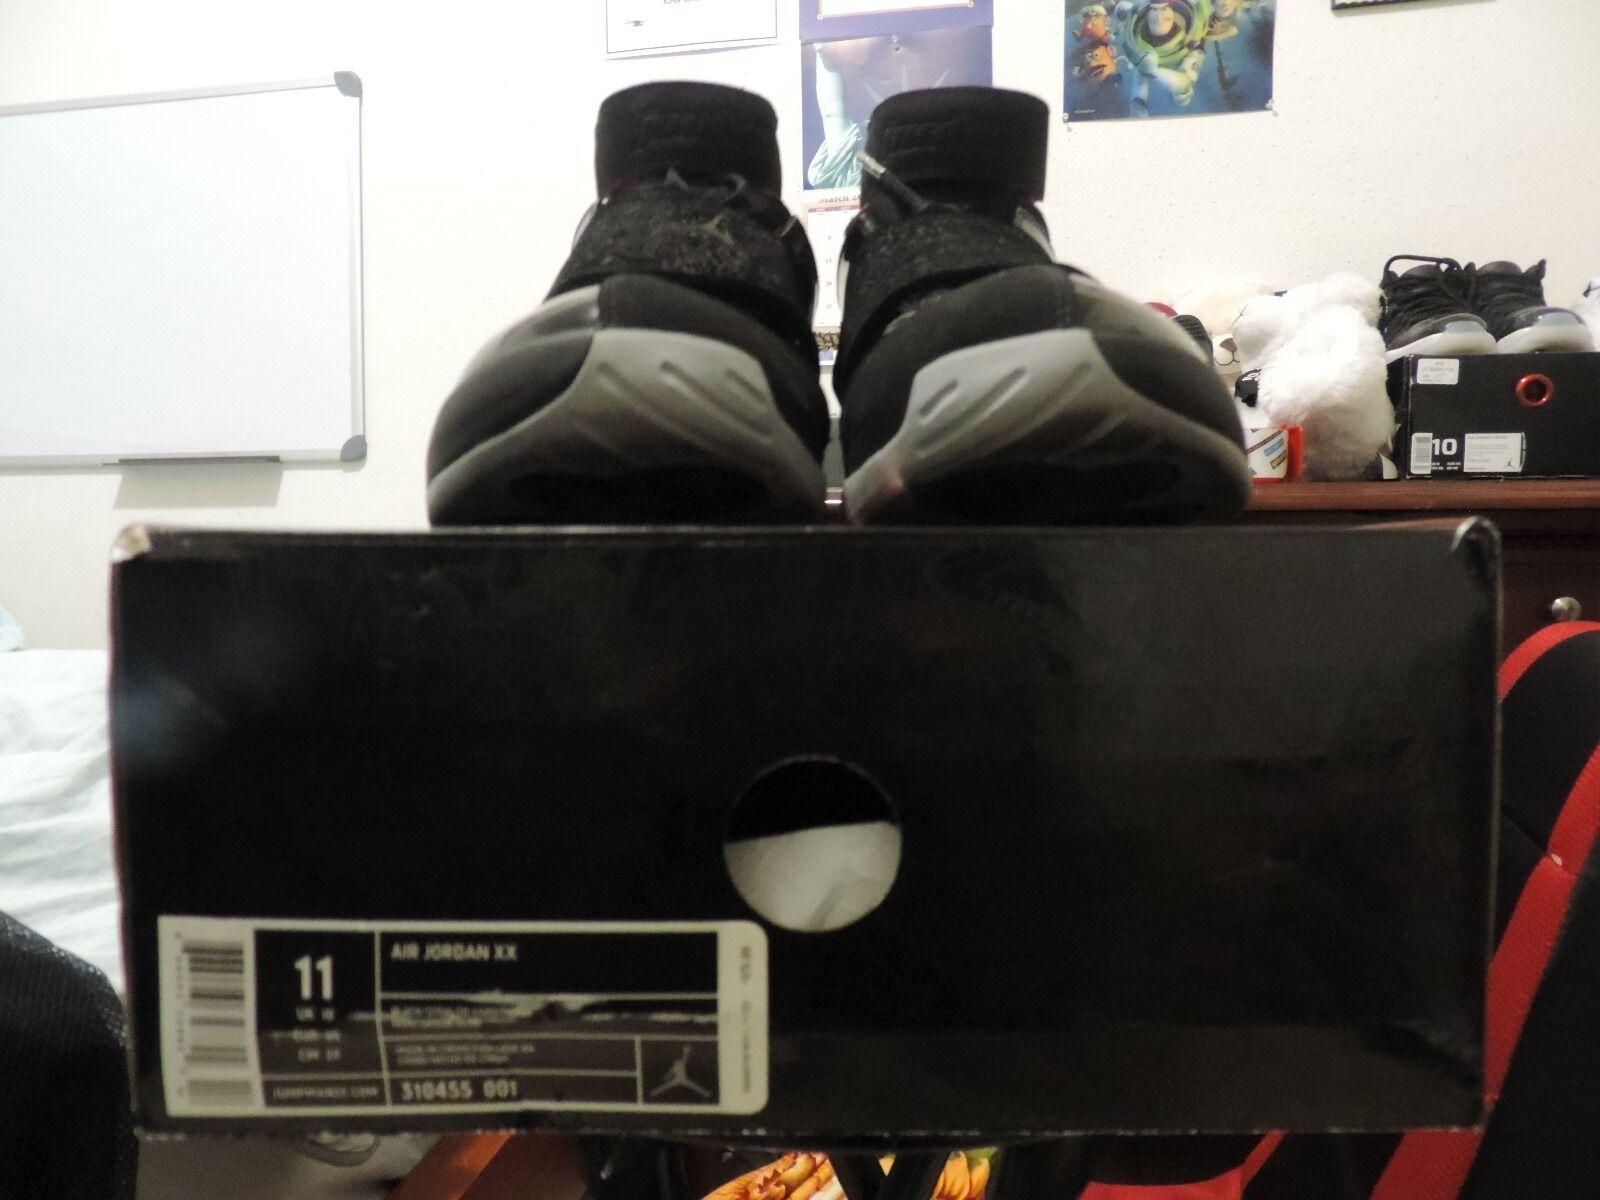 Air Jordan Jordan Jordan 20 Stealth release coloreway Dimensione 11 319a9f